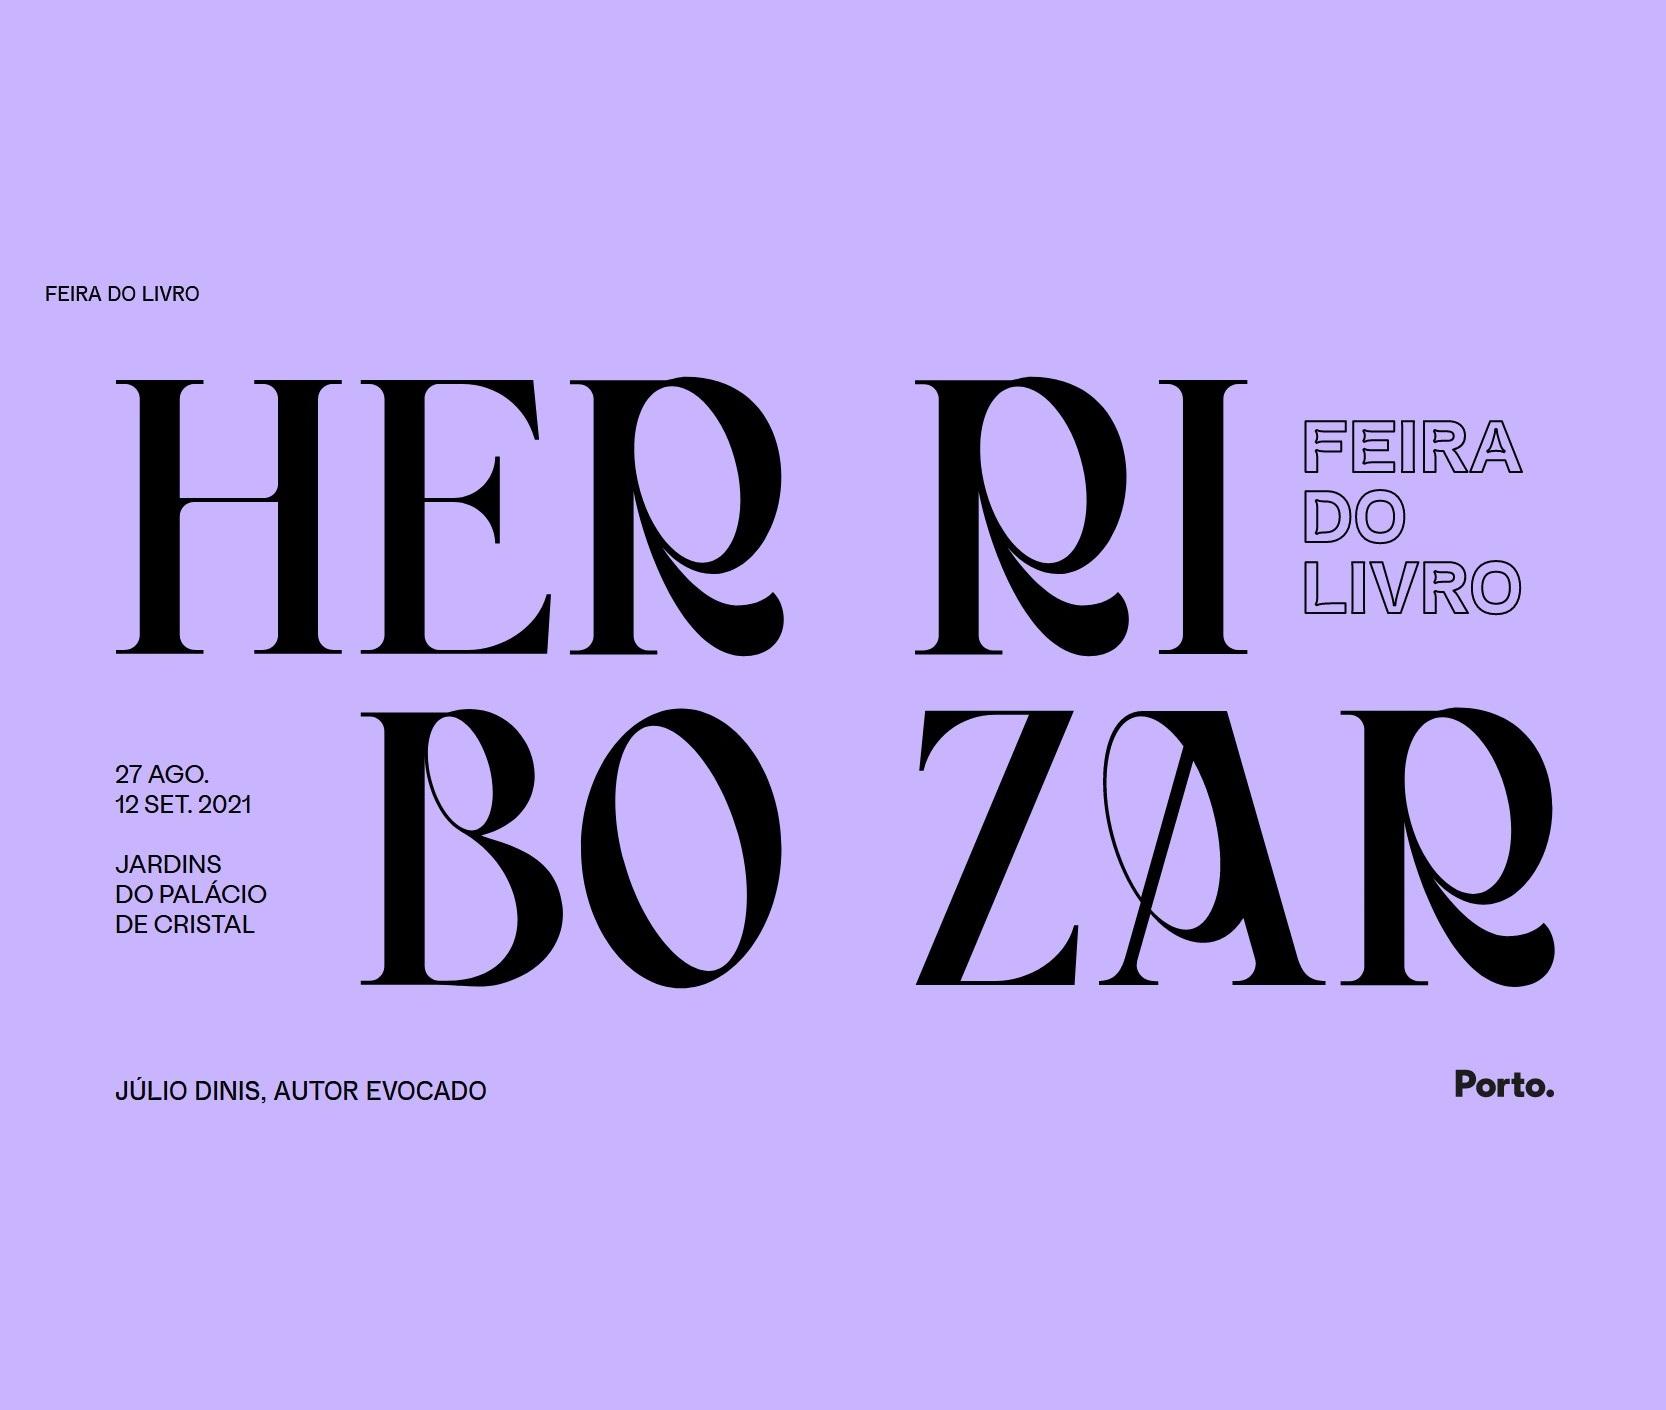 Vem aí mais uma edição da Feira do Livro do Porto